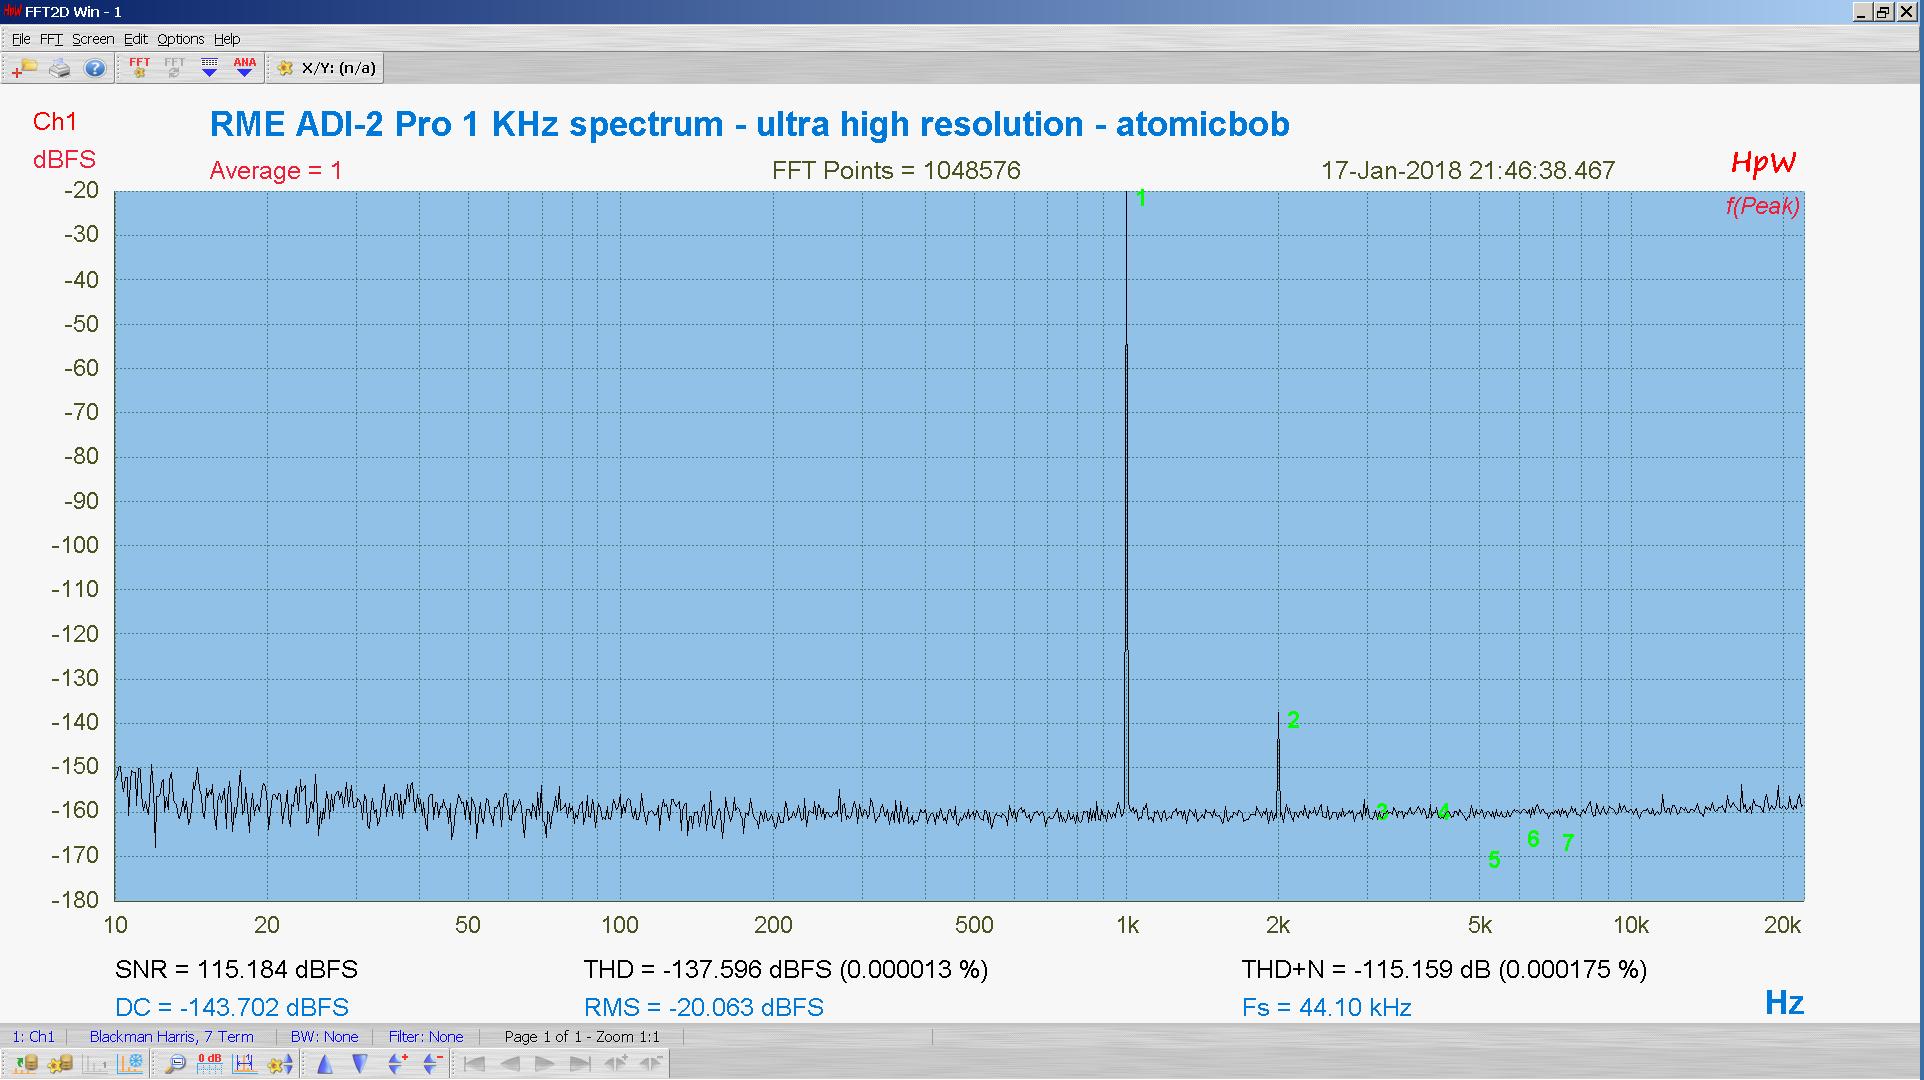 20180117-05 ADI-2 Pro Bal 1 KHz THD THD+N 1M FFT- ASIO -20 dBFS - HpW.PNG